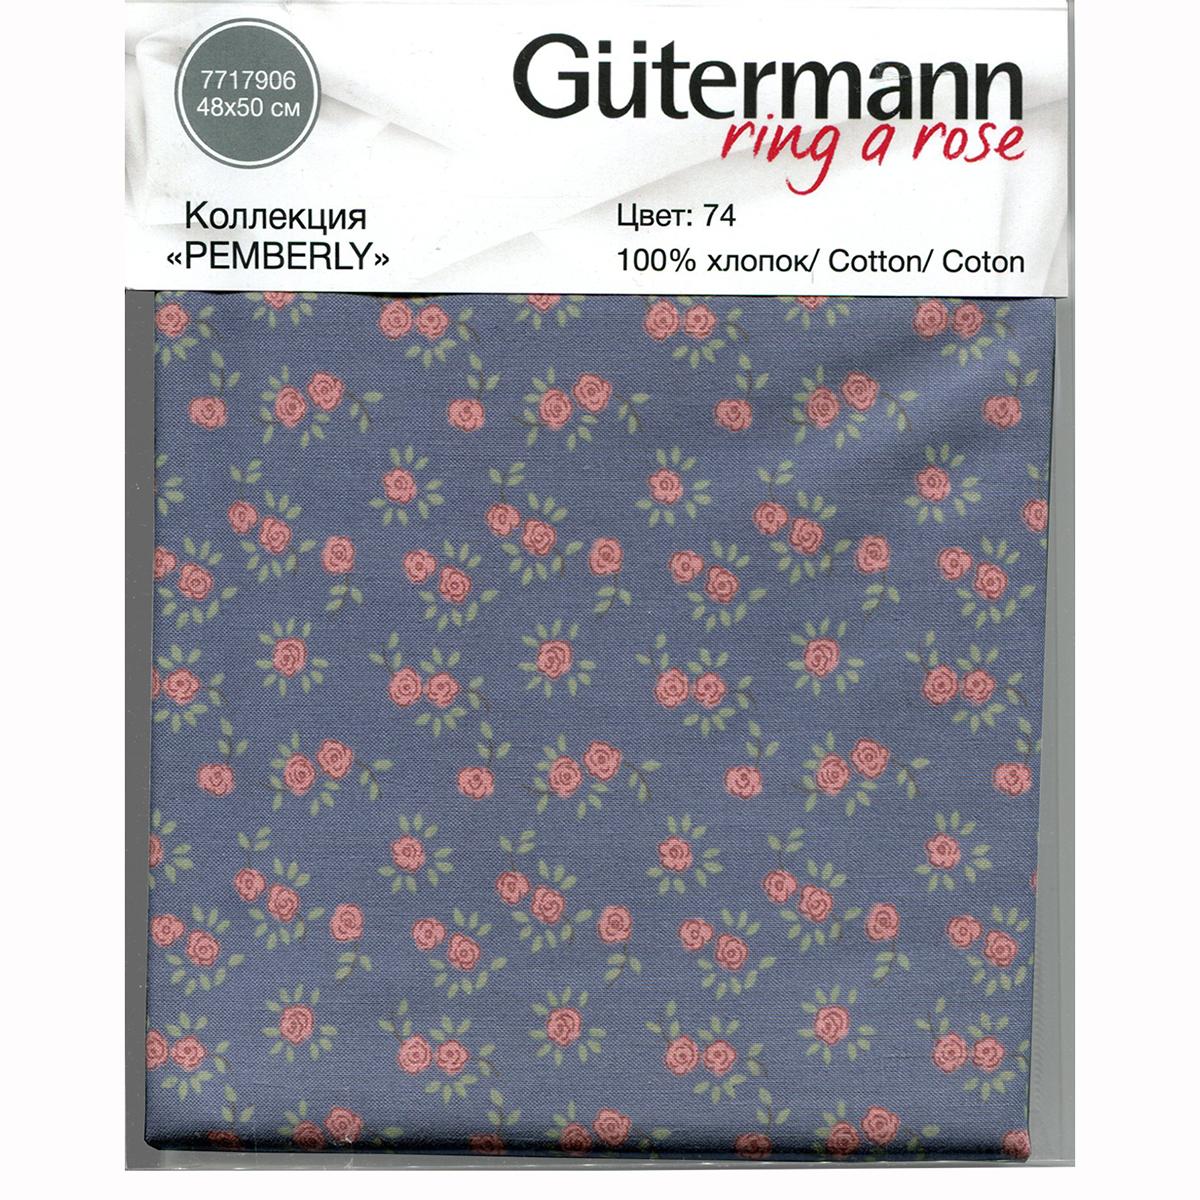 Ткань Gutermann Pemberly, 48 х 50 см. 649102_747717906-74Хлопковая ткань от Gutermann (Гутерманн) выполнена из 100% натурального материала, идеально подойдет для шитья одежды, постельного белья, декорирования. Ткань не линяет, не осыпается по краям и не дает усадки.